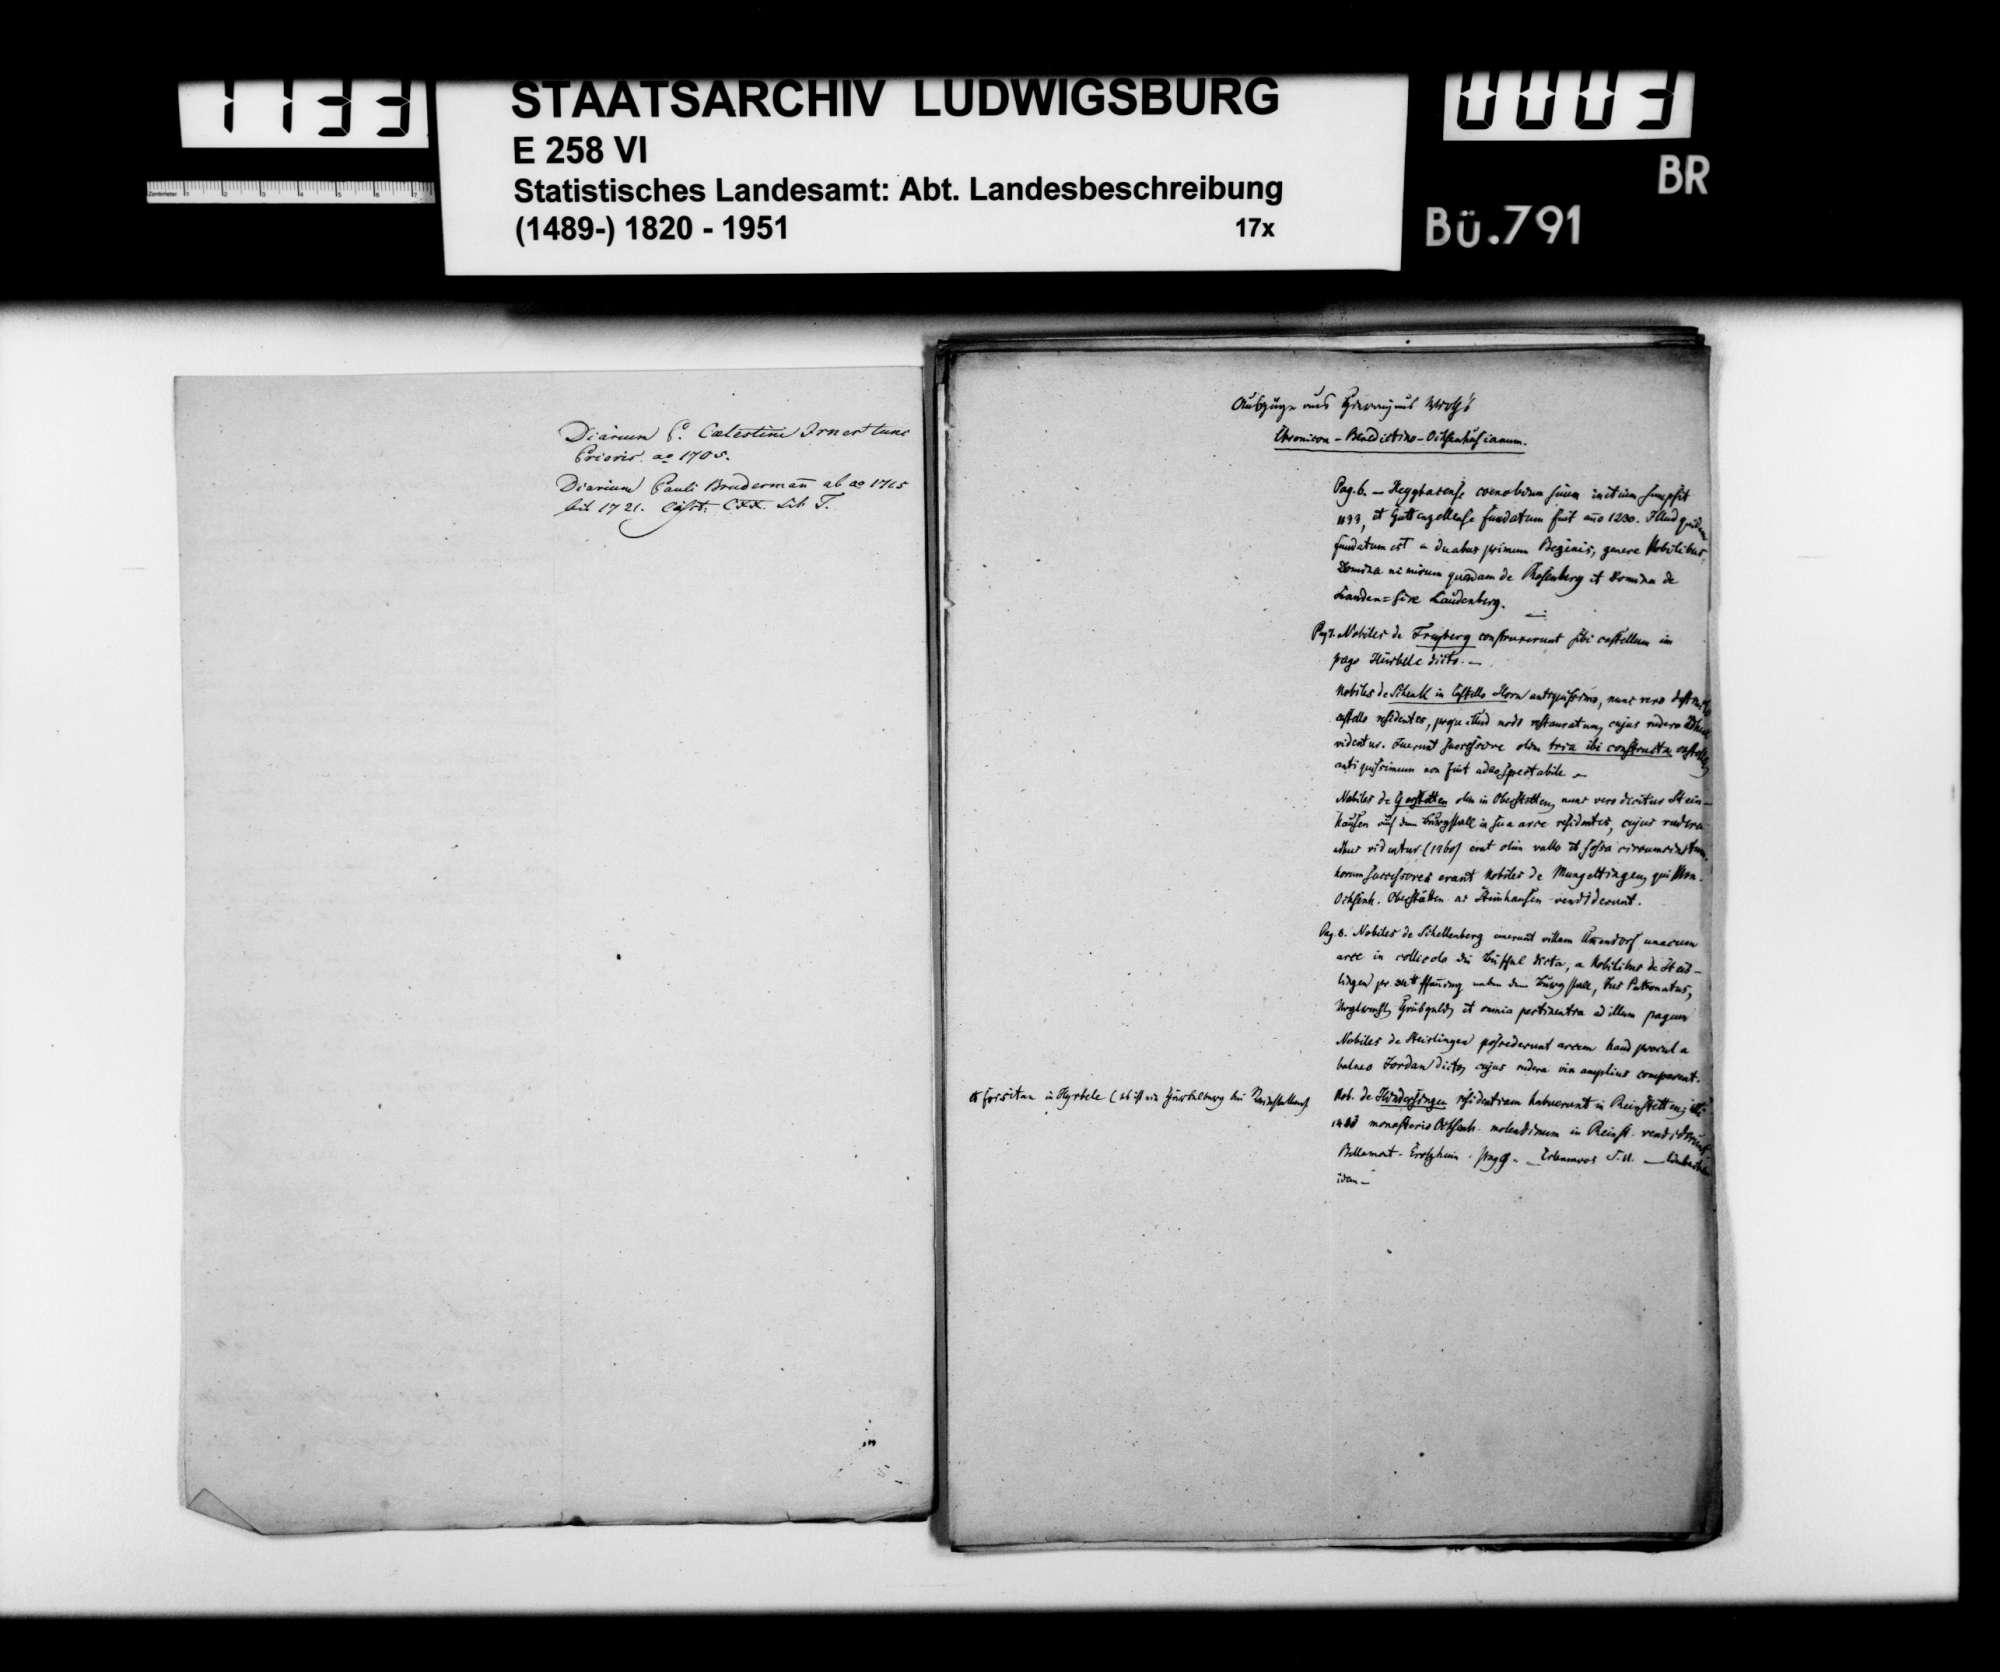 Auszüge aus Archivalien, Quelleneditionen und Geschichtswerken (Hieronymus Würth: Chronicon... [Heyd 5369], Wechsler: Sammlung... [Heyd 4168], ehemaliges Warthausen